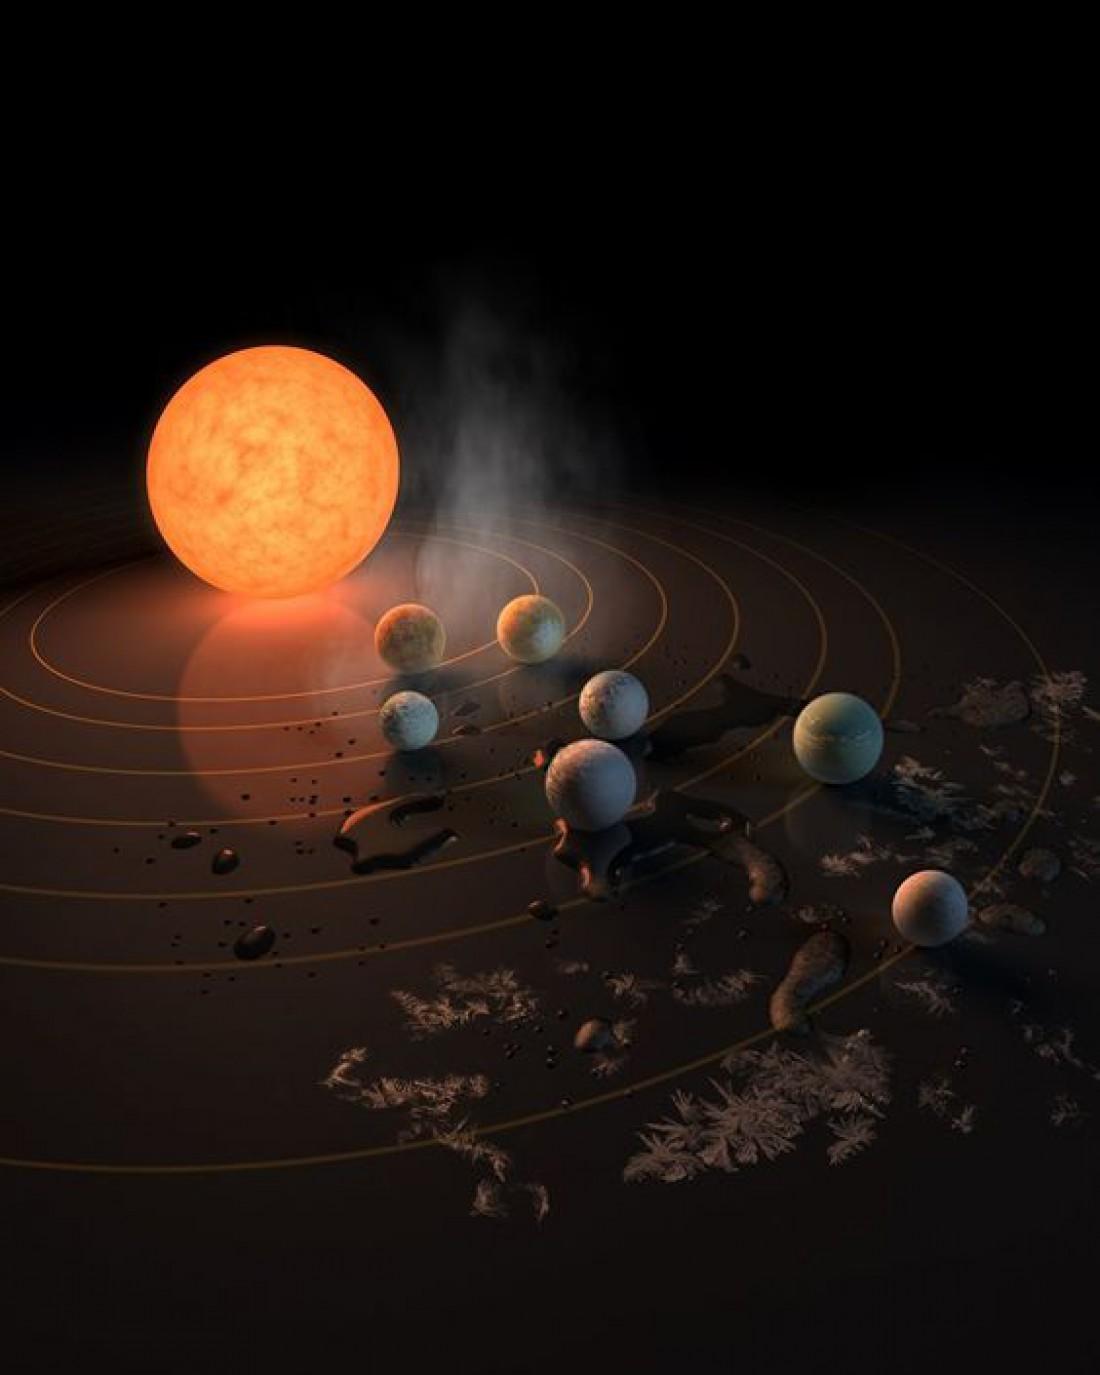 Парад планет 4 июля 2020 года: Что известно?